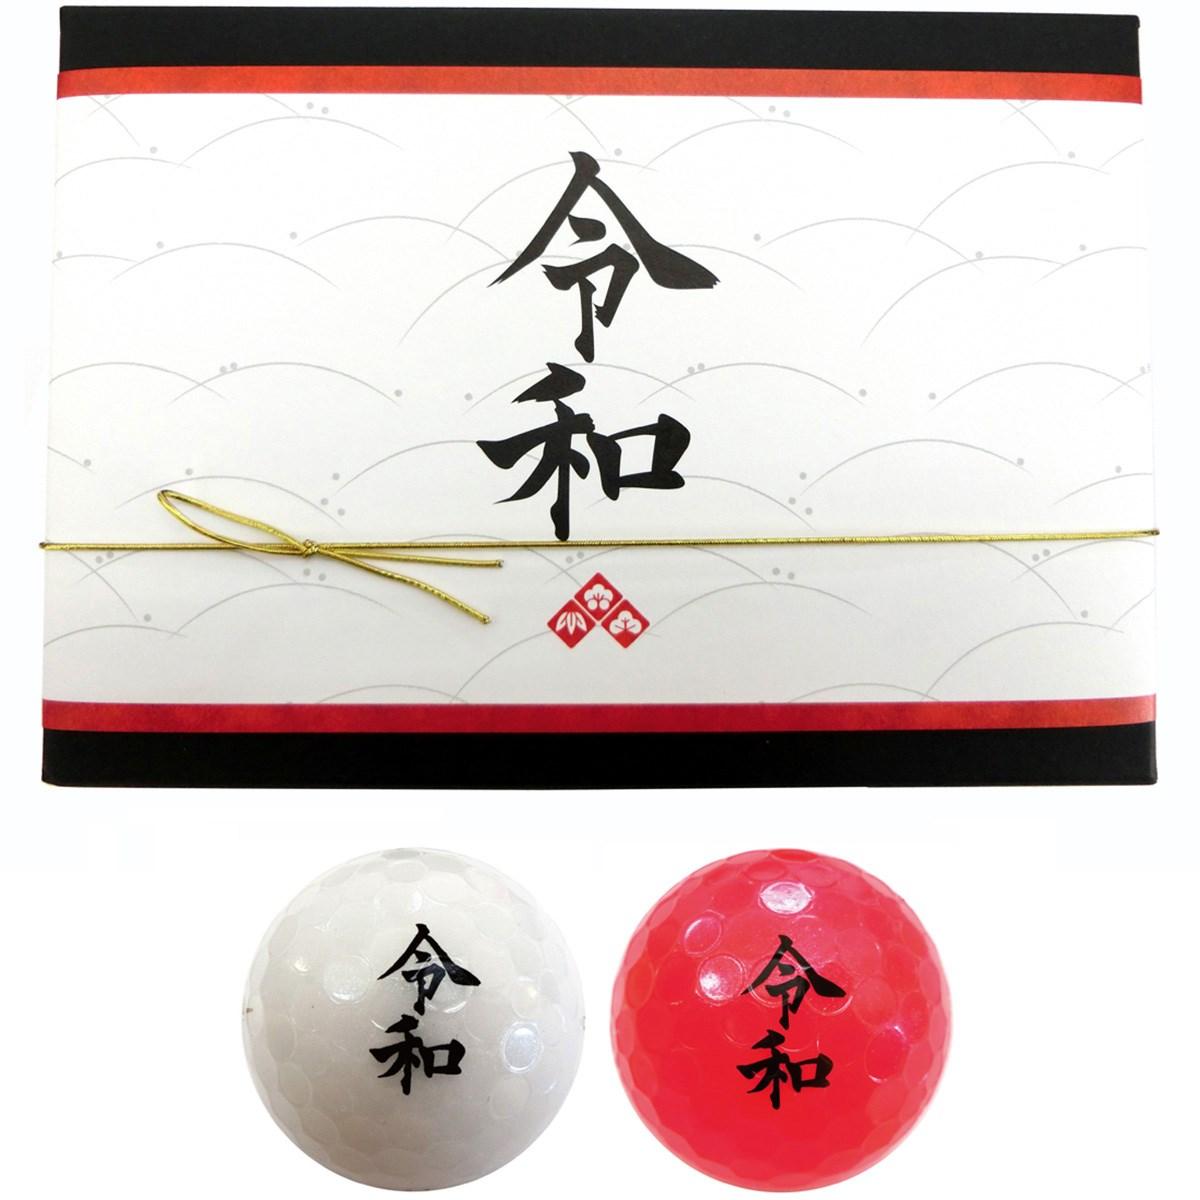 キャスコ(KASCO) キラクリスタル紅白「令和」ギフトパック ボール 6個入り